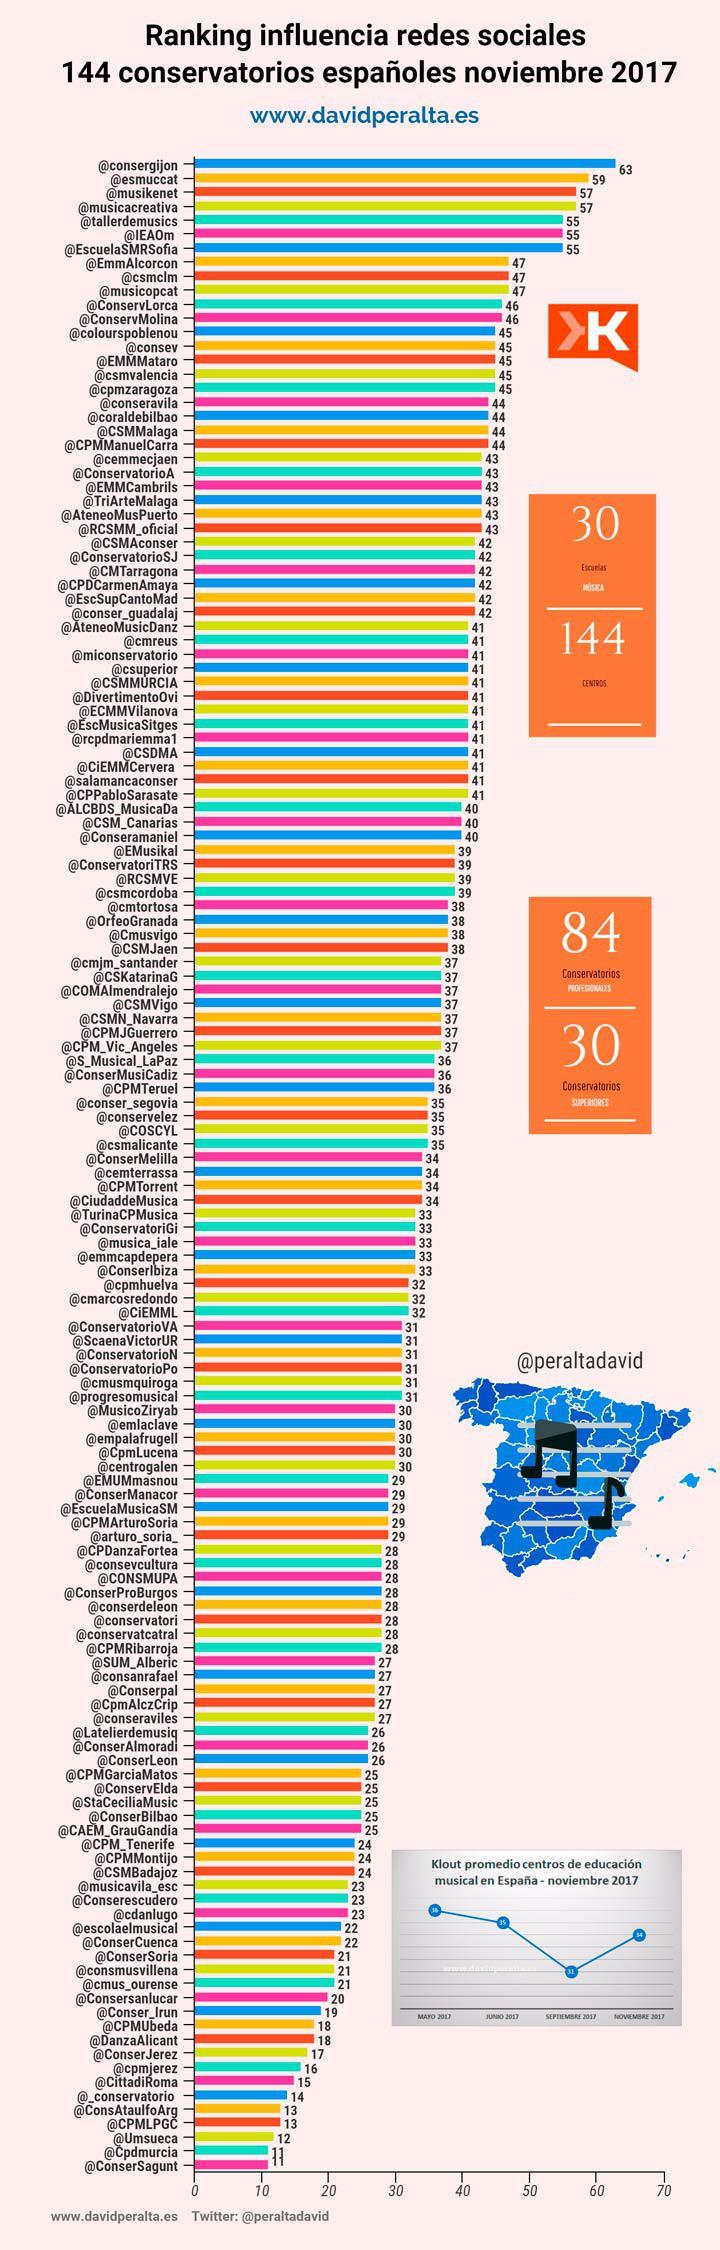 Ranking influencia de los conservatorios españoles en redes sociales (11/2017)